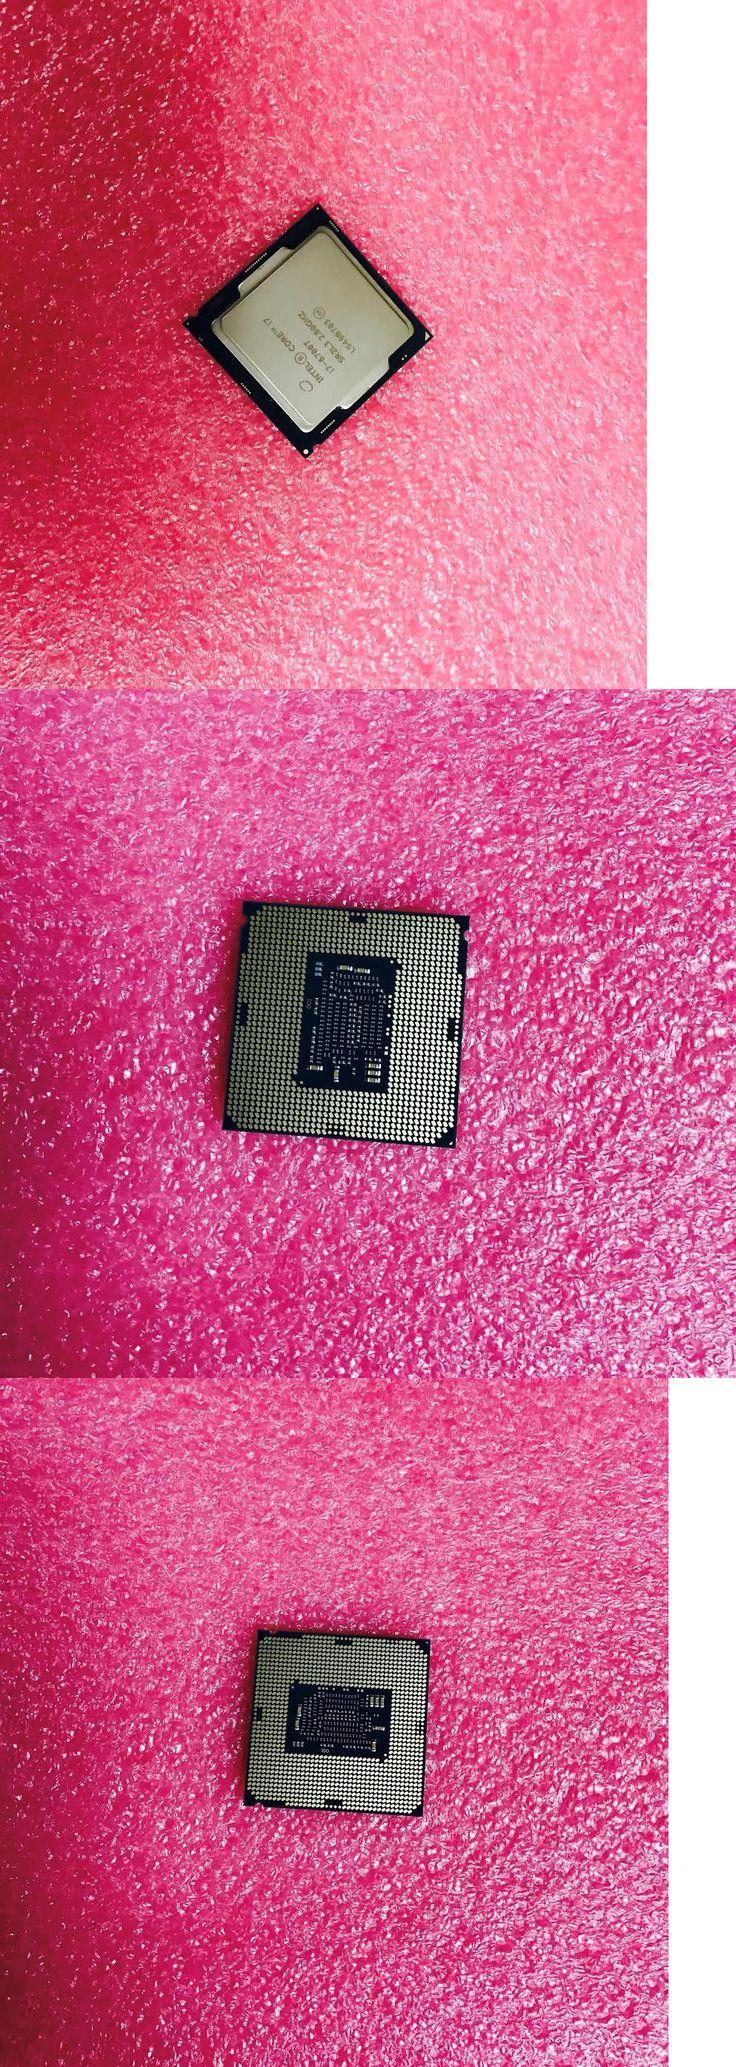 computer parts sr2bz intel core i5 6500t 25ghz socket 1151 lga1151 buy